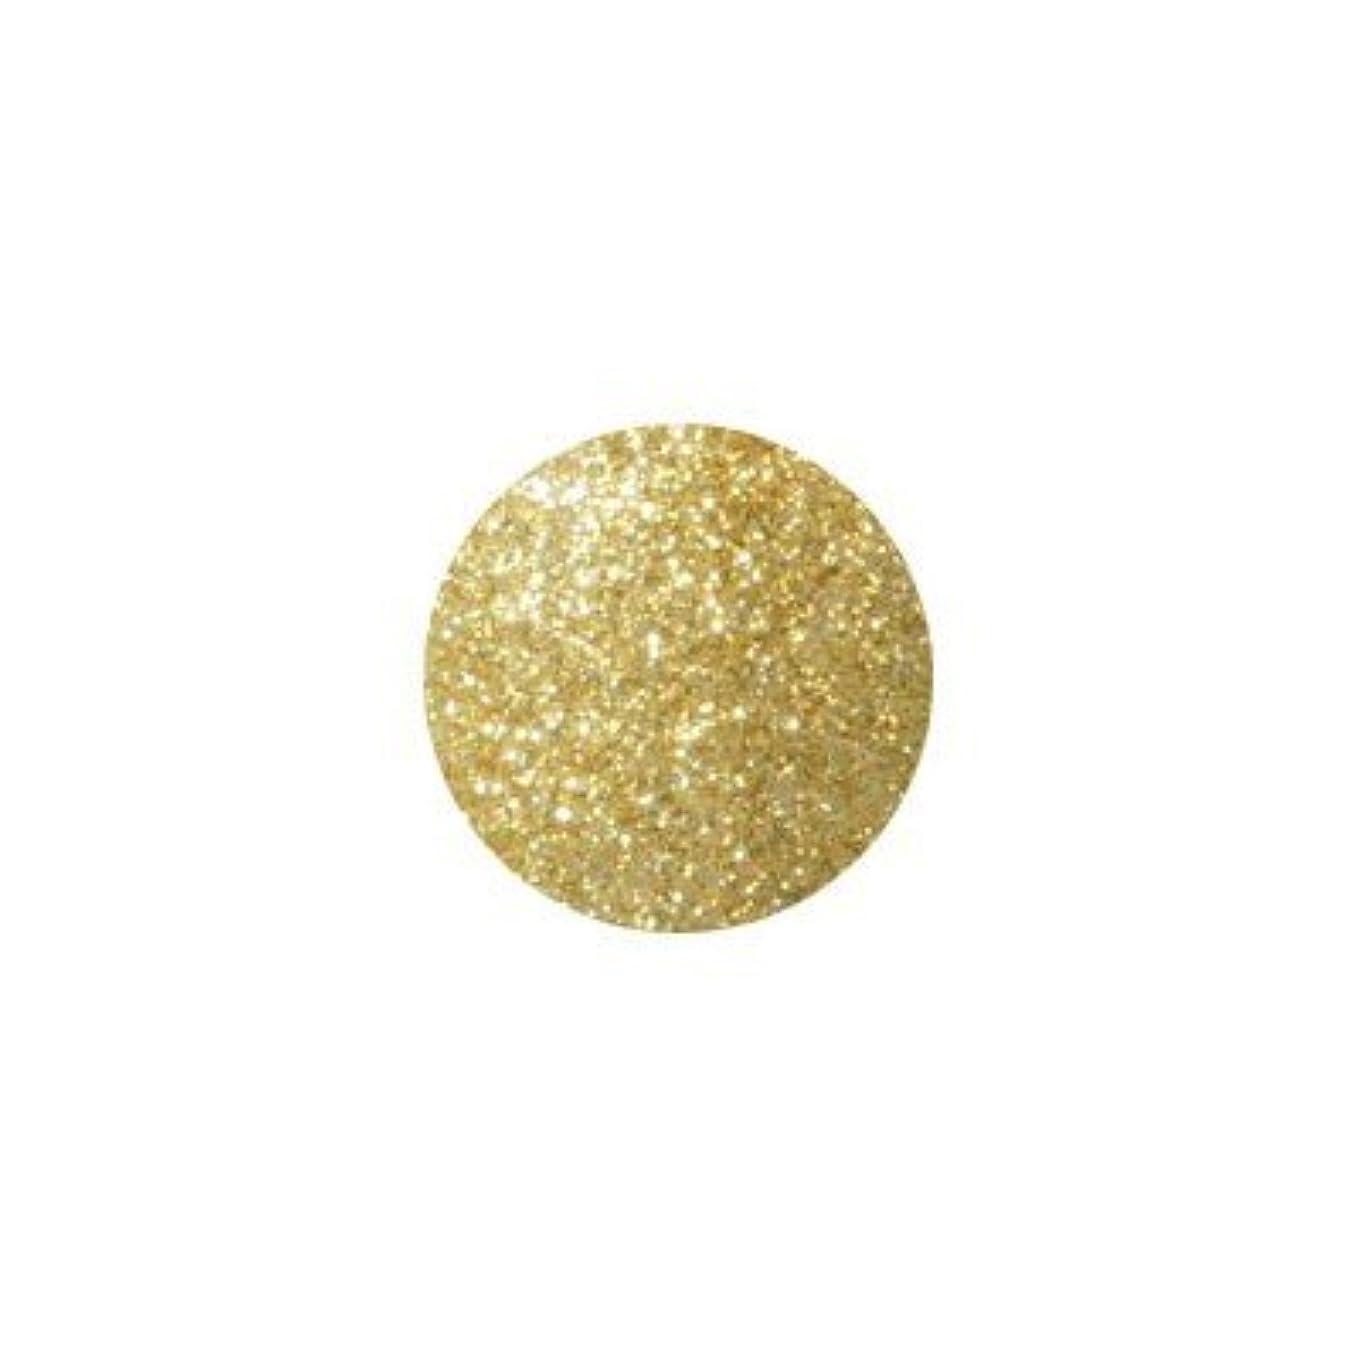 作り上げる相続人血色の良いプティール カラージェル シャイン S9 ゴールド